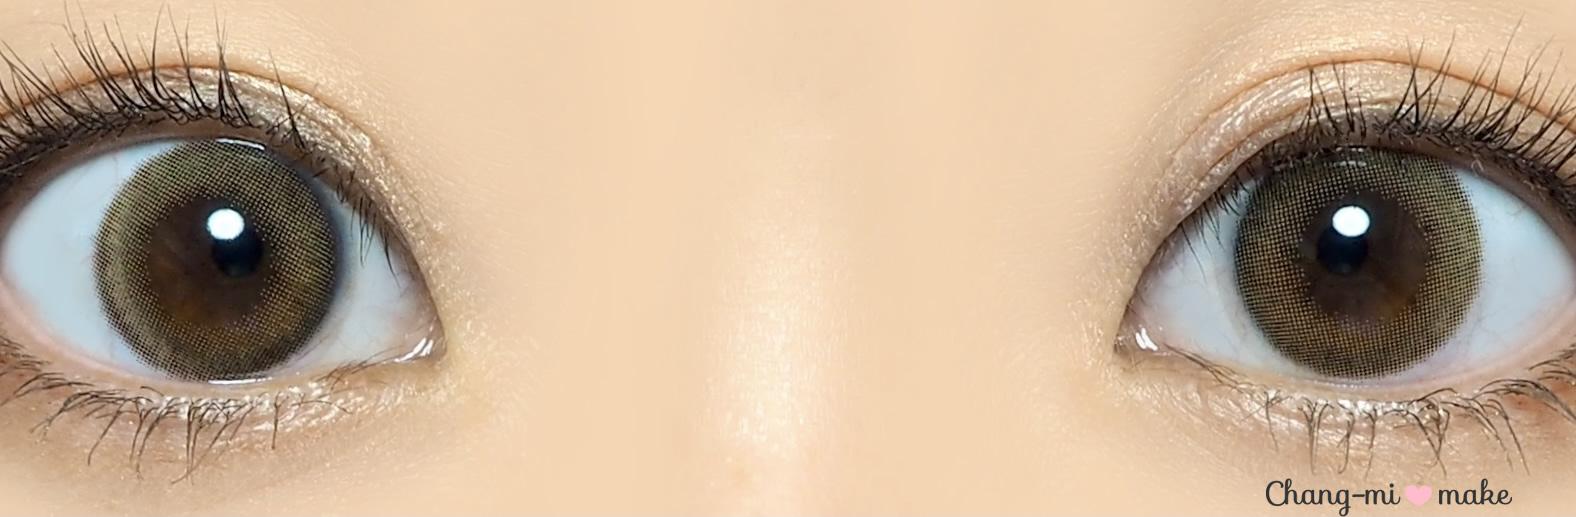 納豆ブラウン13